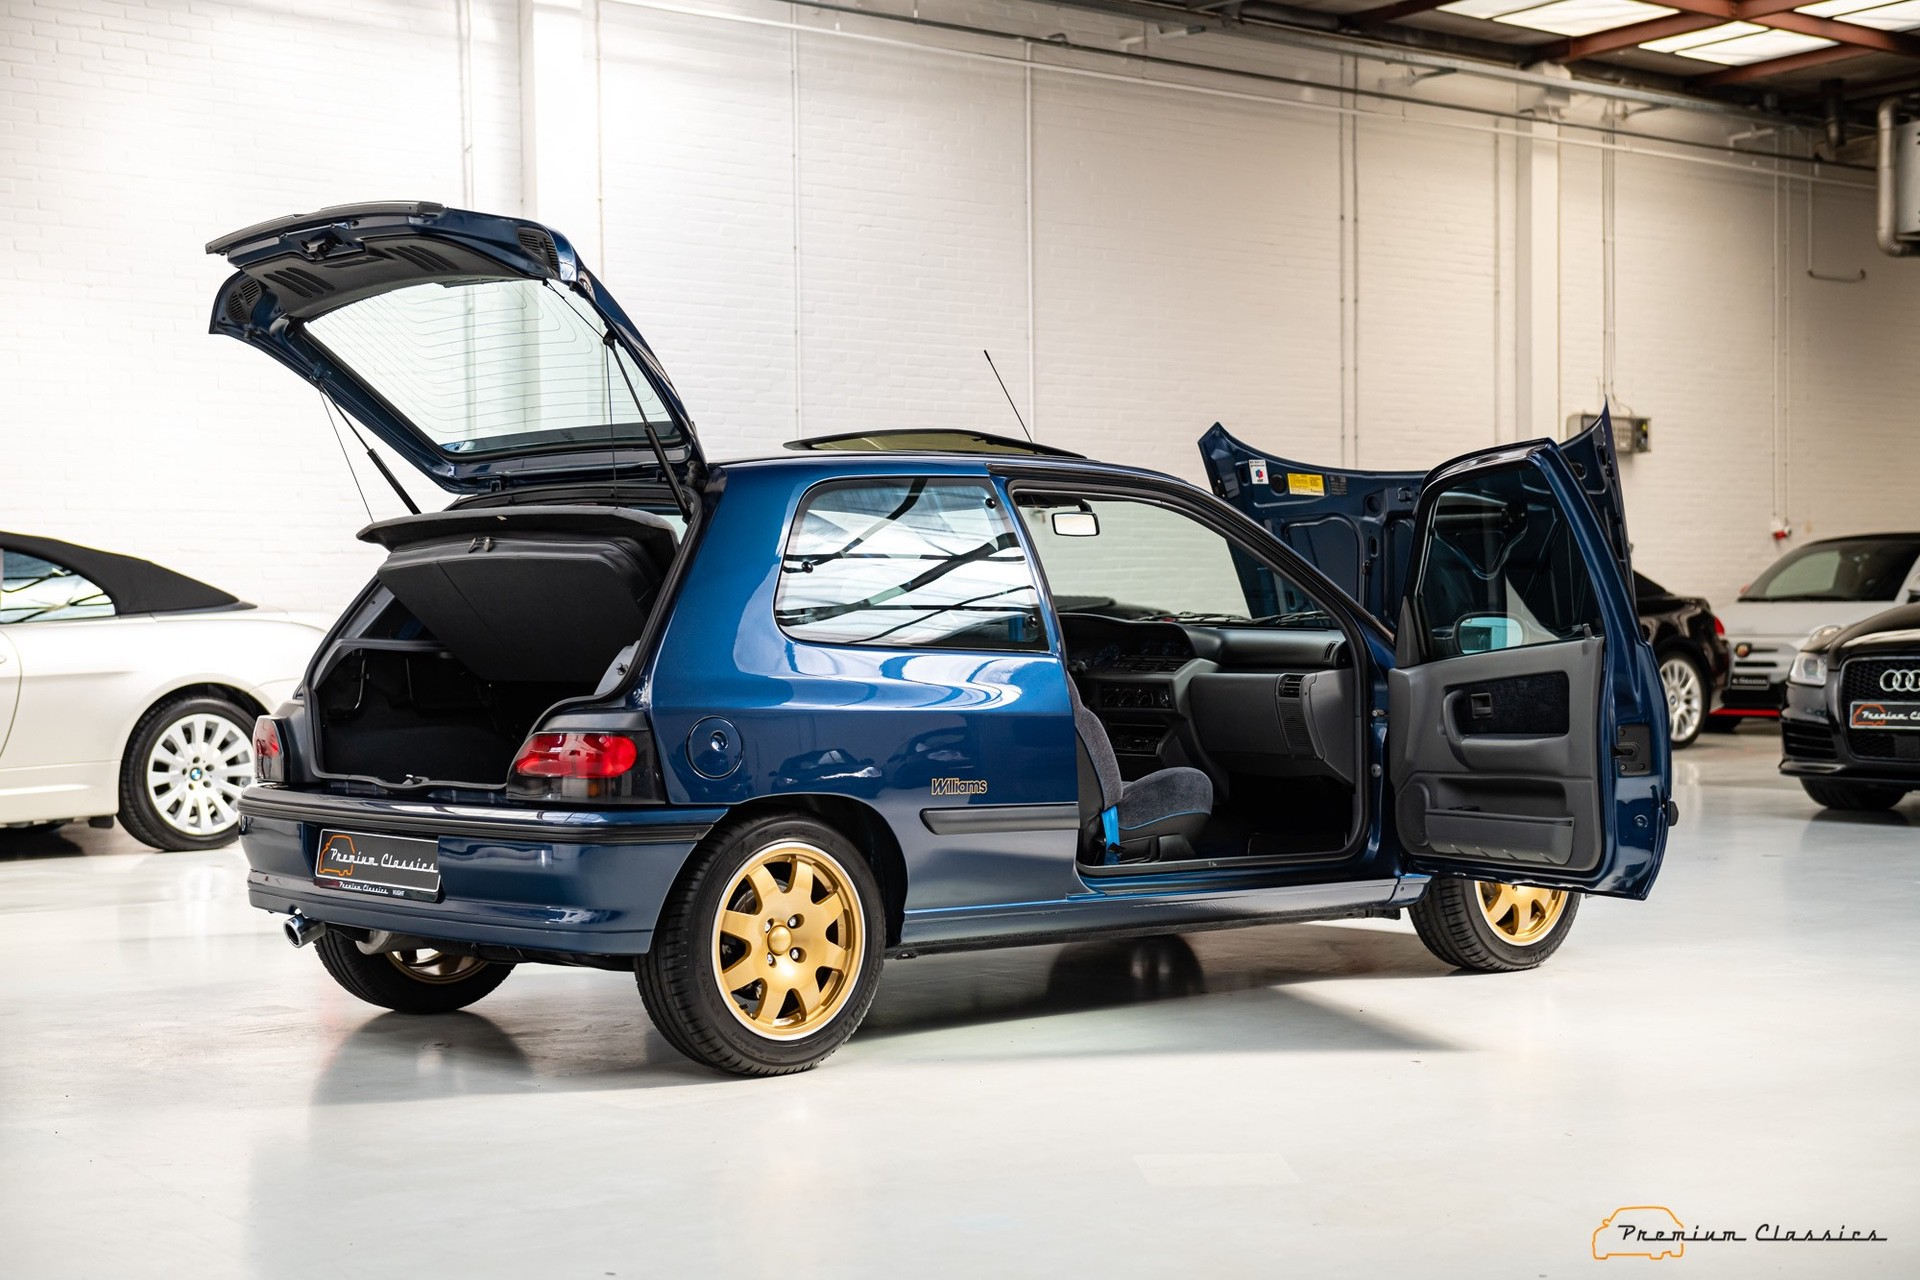 Renault_Clio_Williams_sale-0014